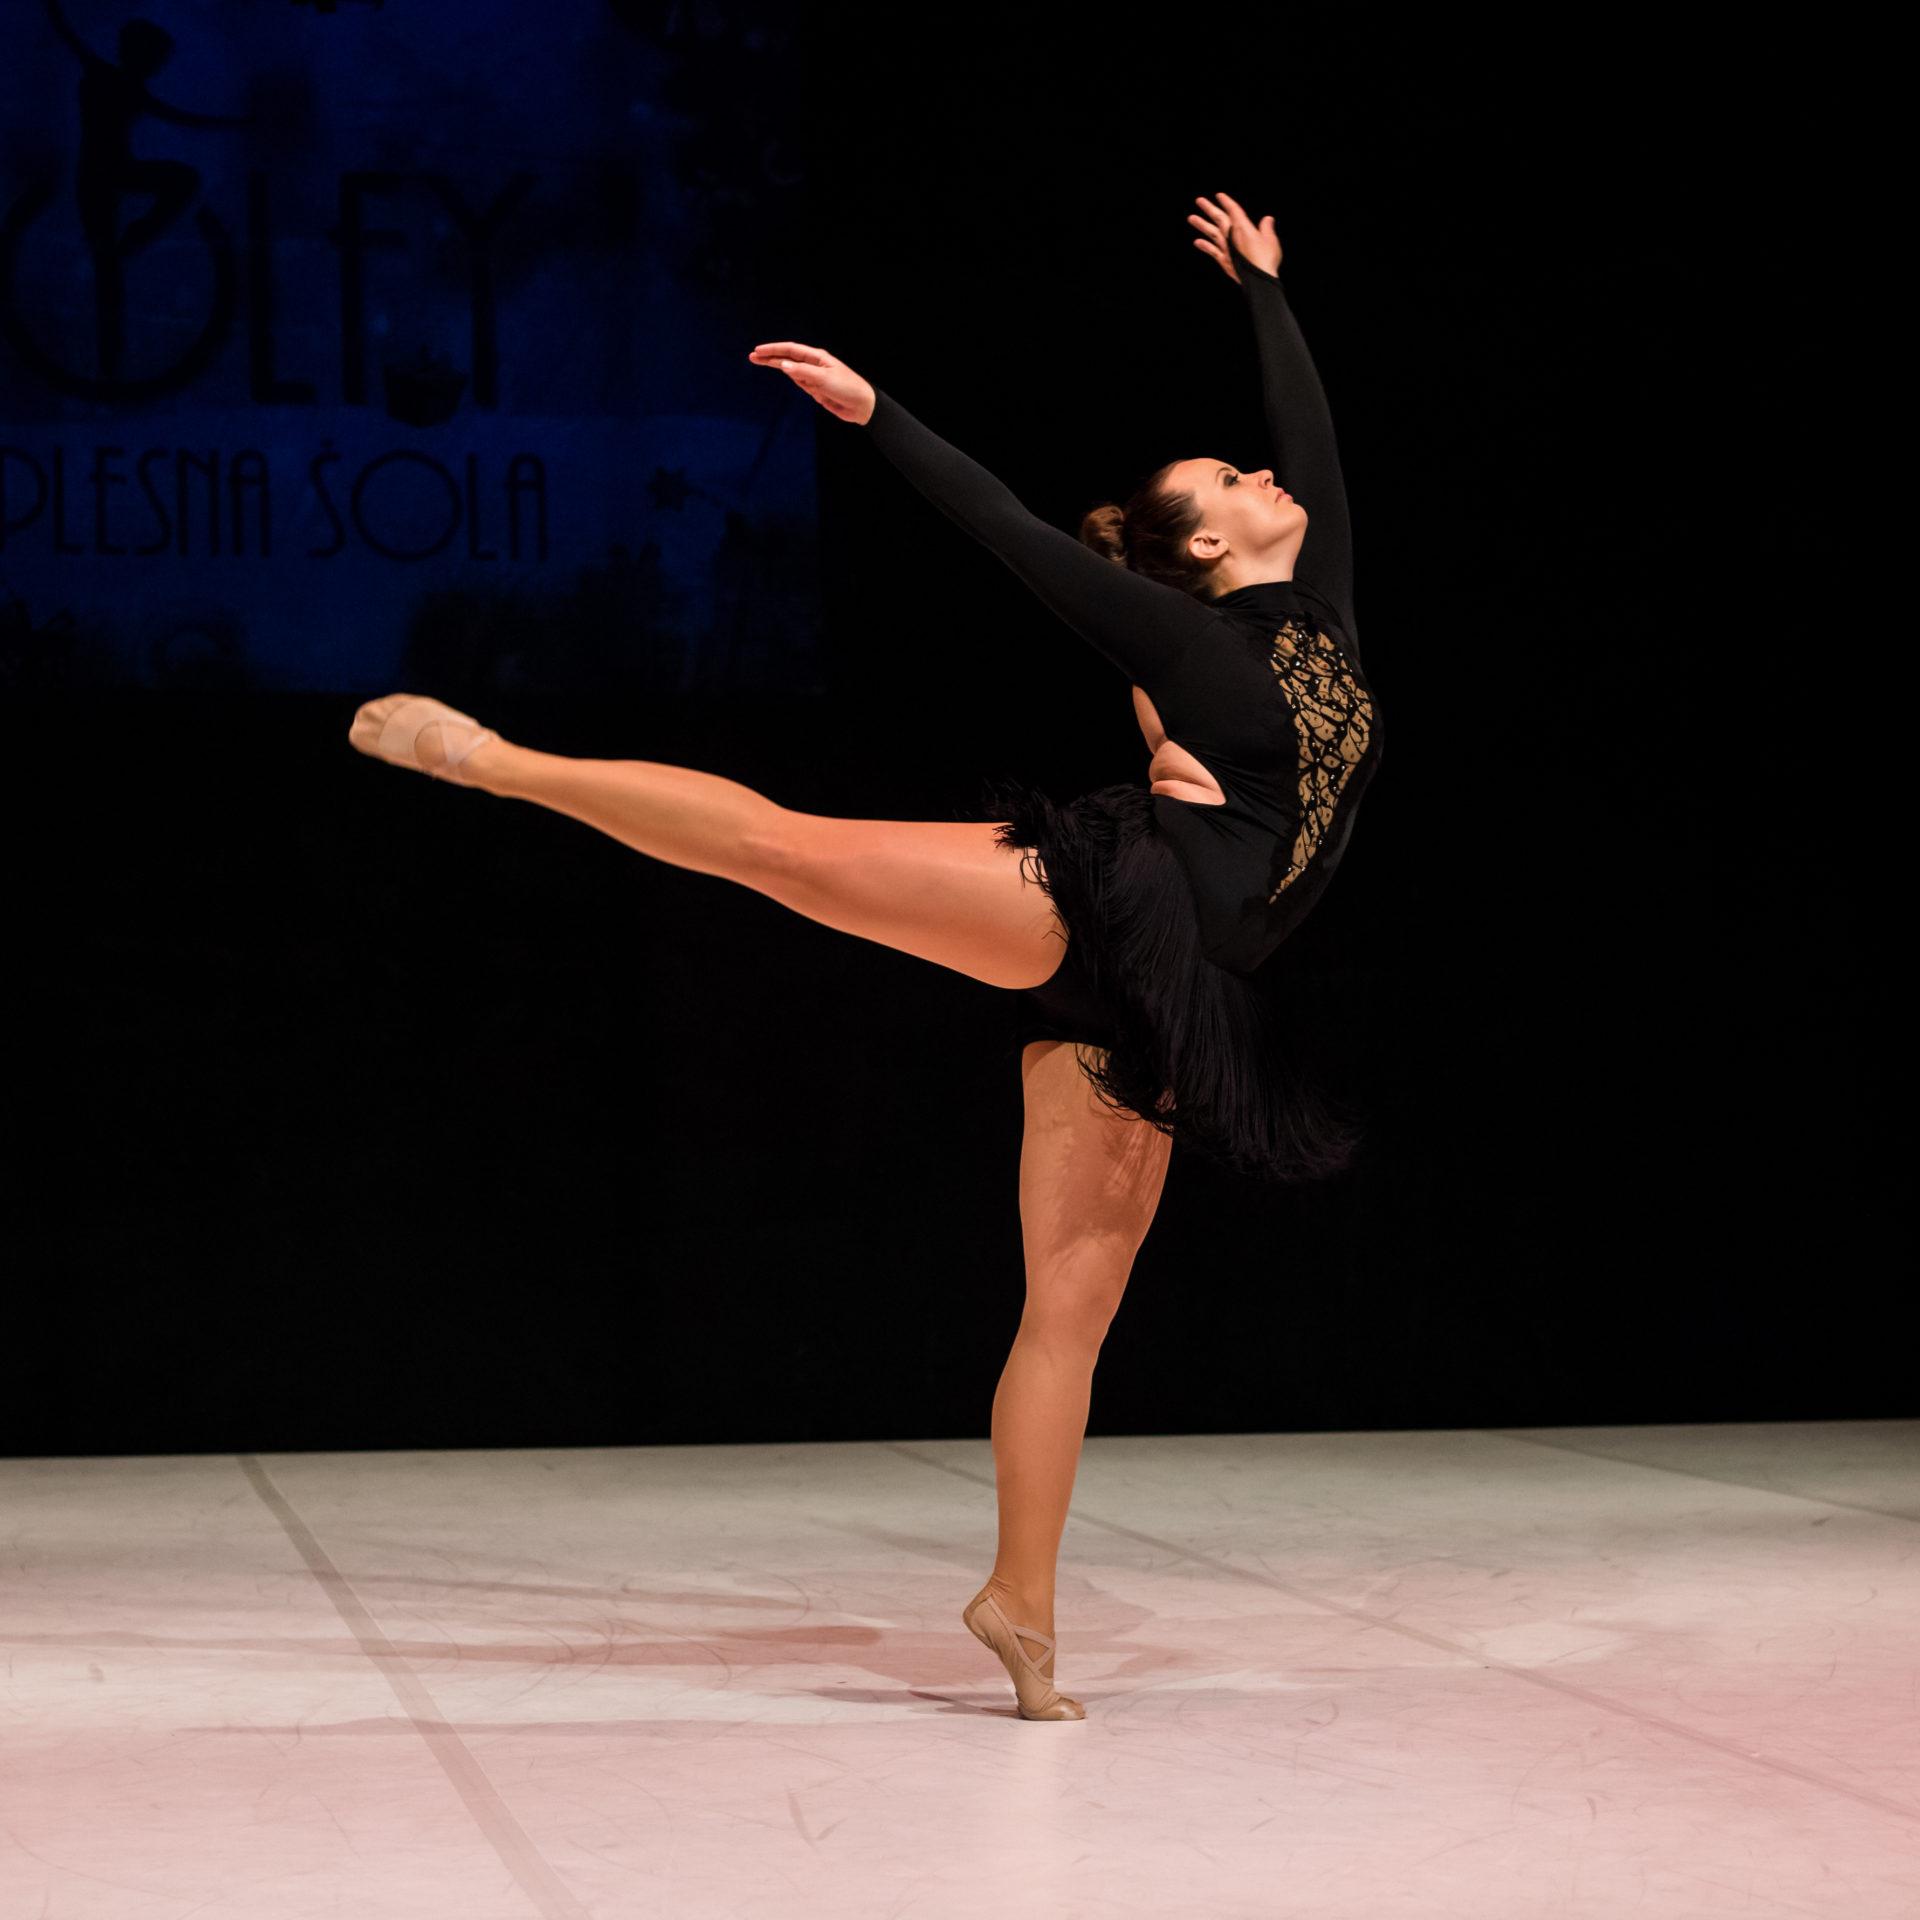 jazz-balet-odrasli-4-plesna-sola-wolfy